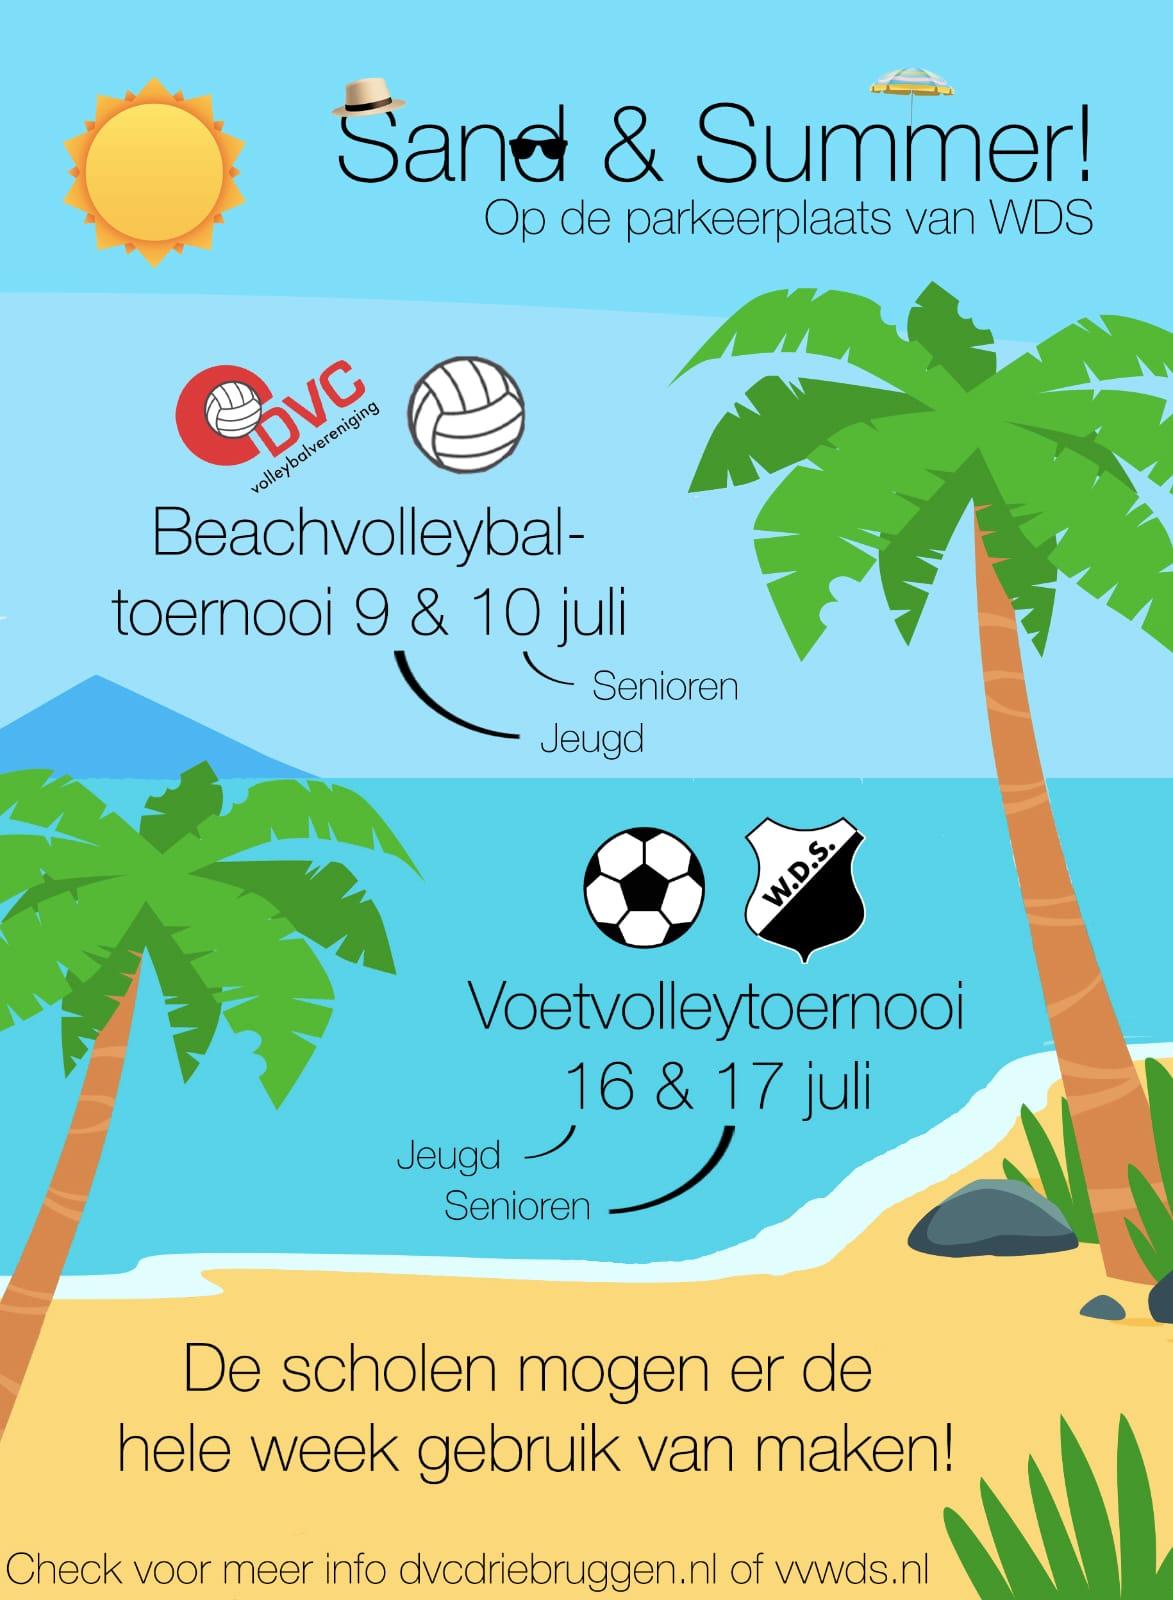 Beachvolleybaltoernooi 10 juli 2021